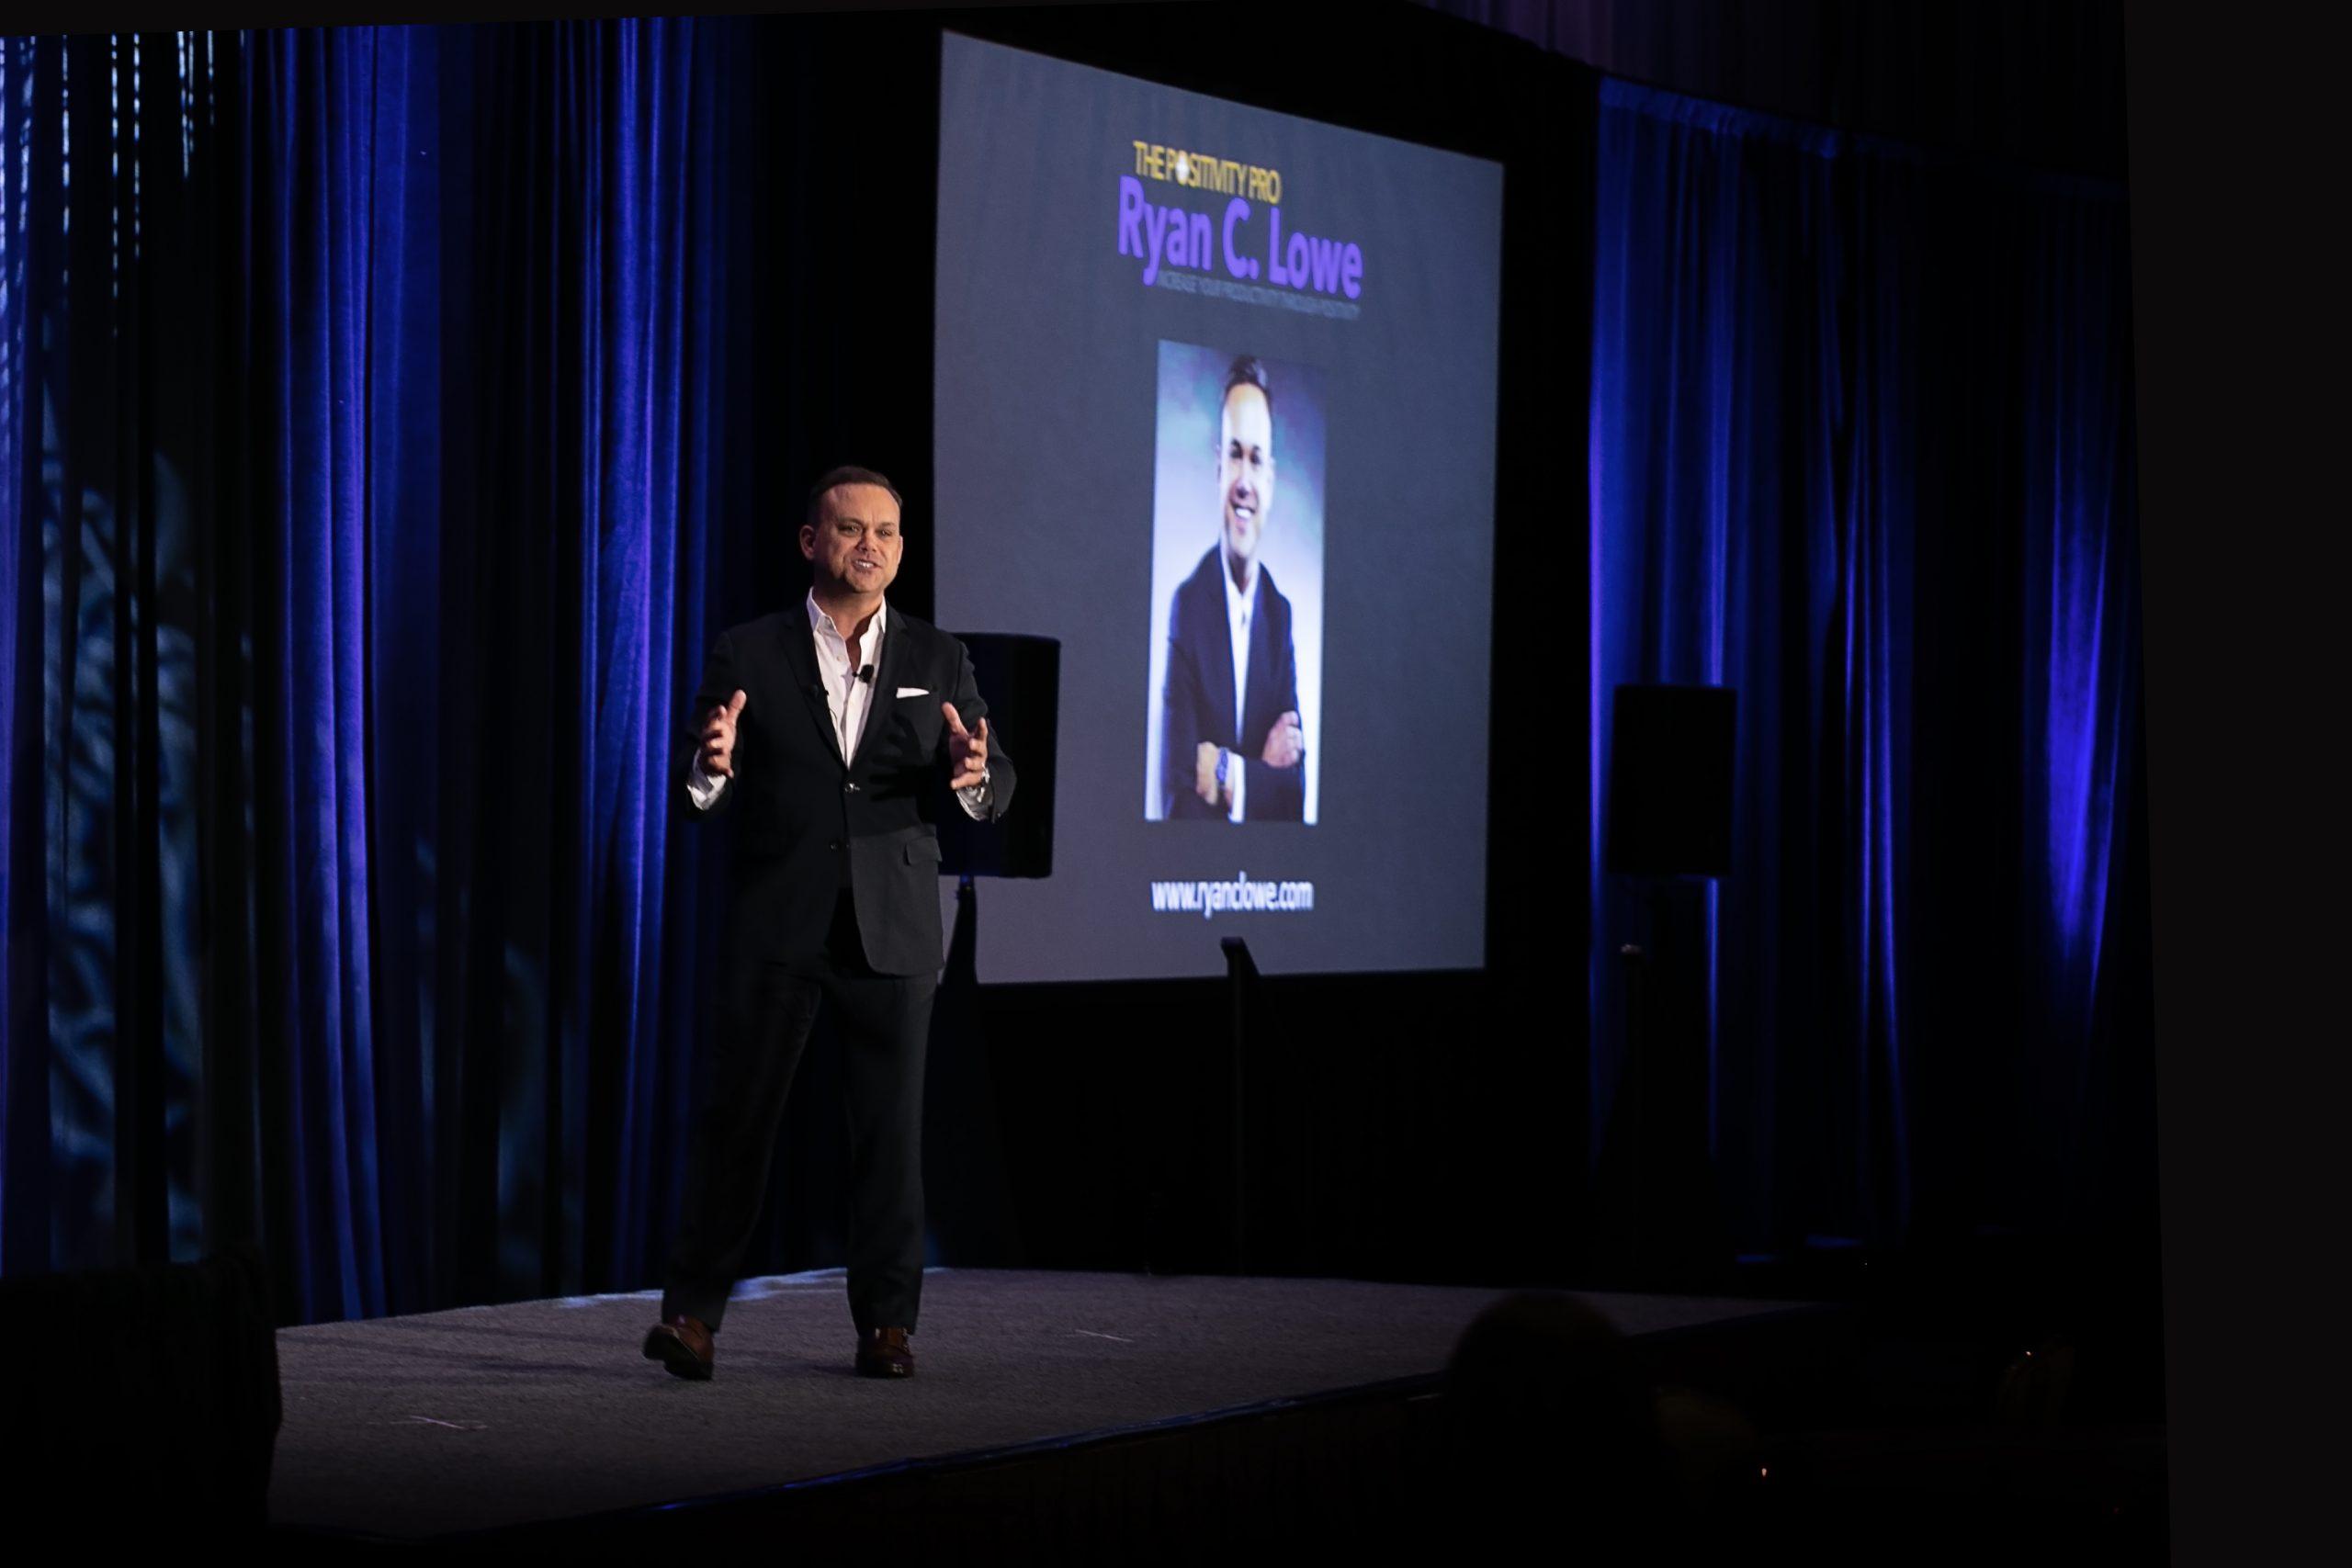 Top Motivational Keynote Speaker | Ryan Lowe